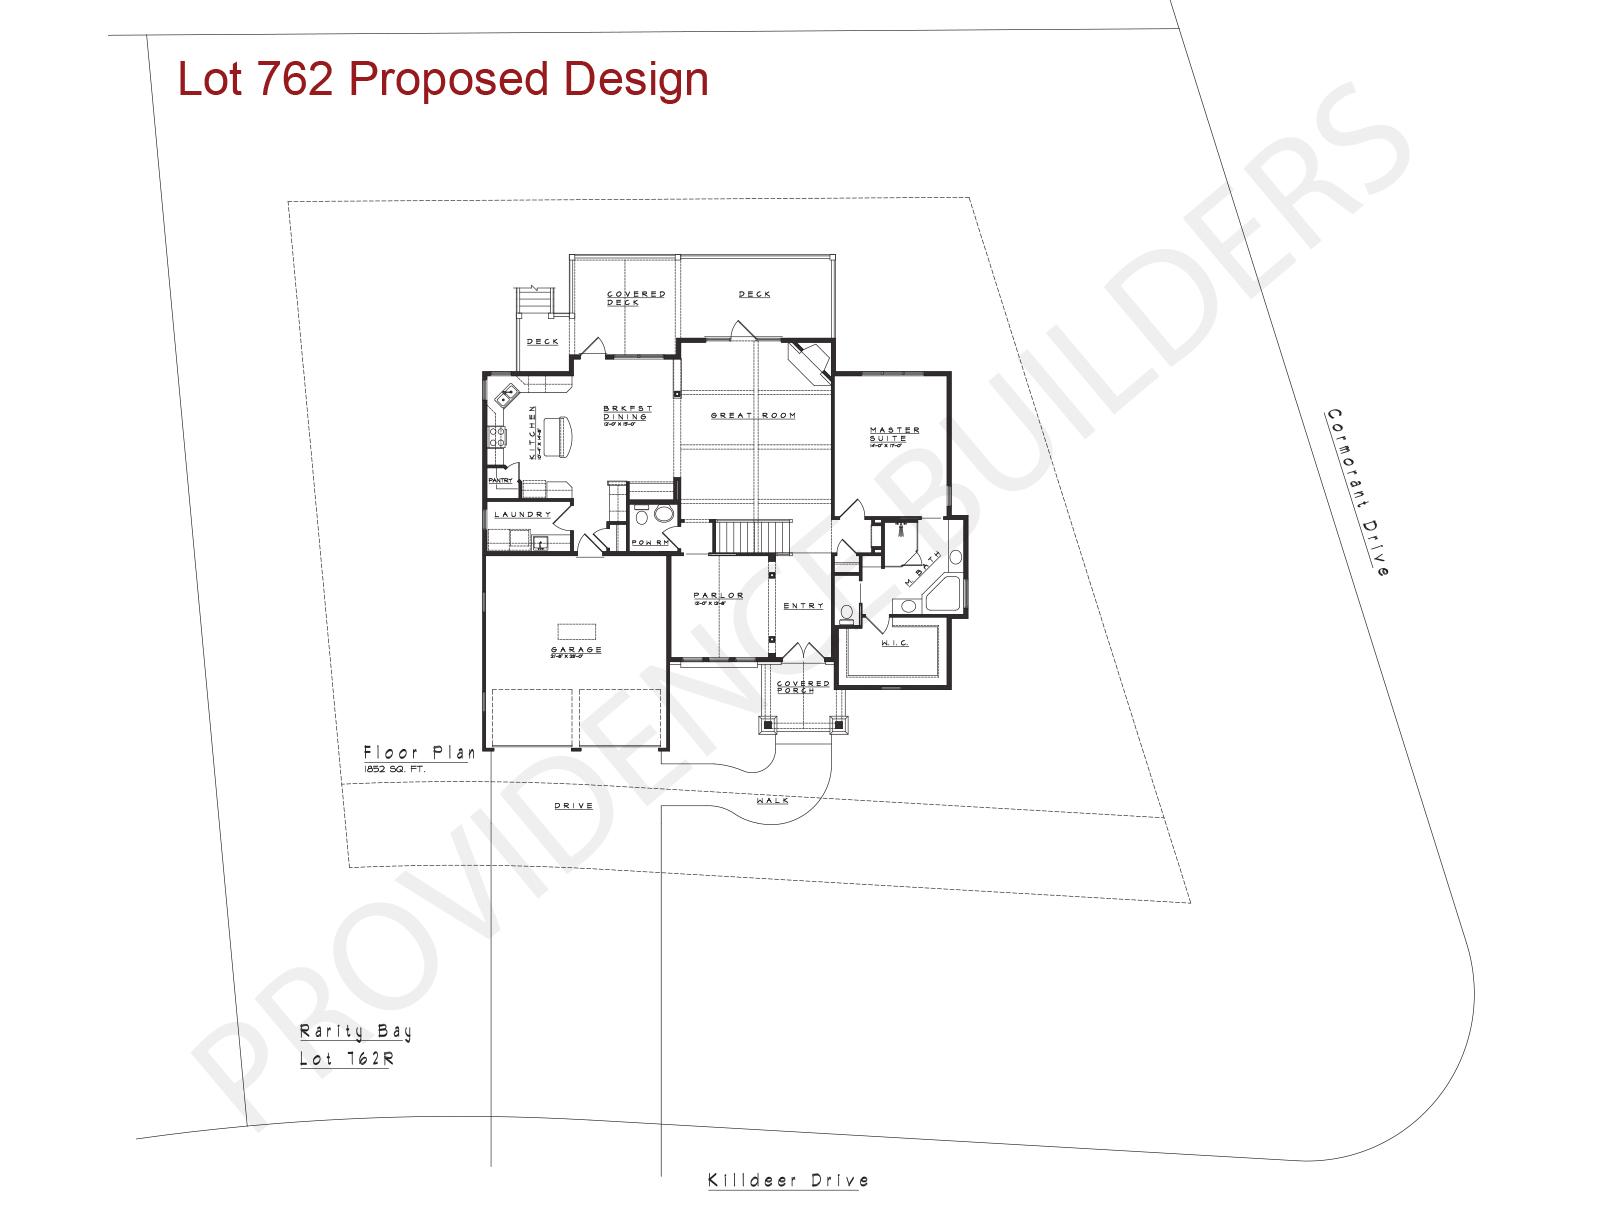 Lot 762 Floor Plan